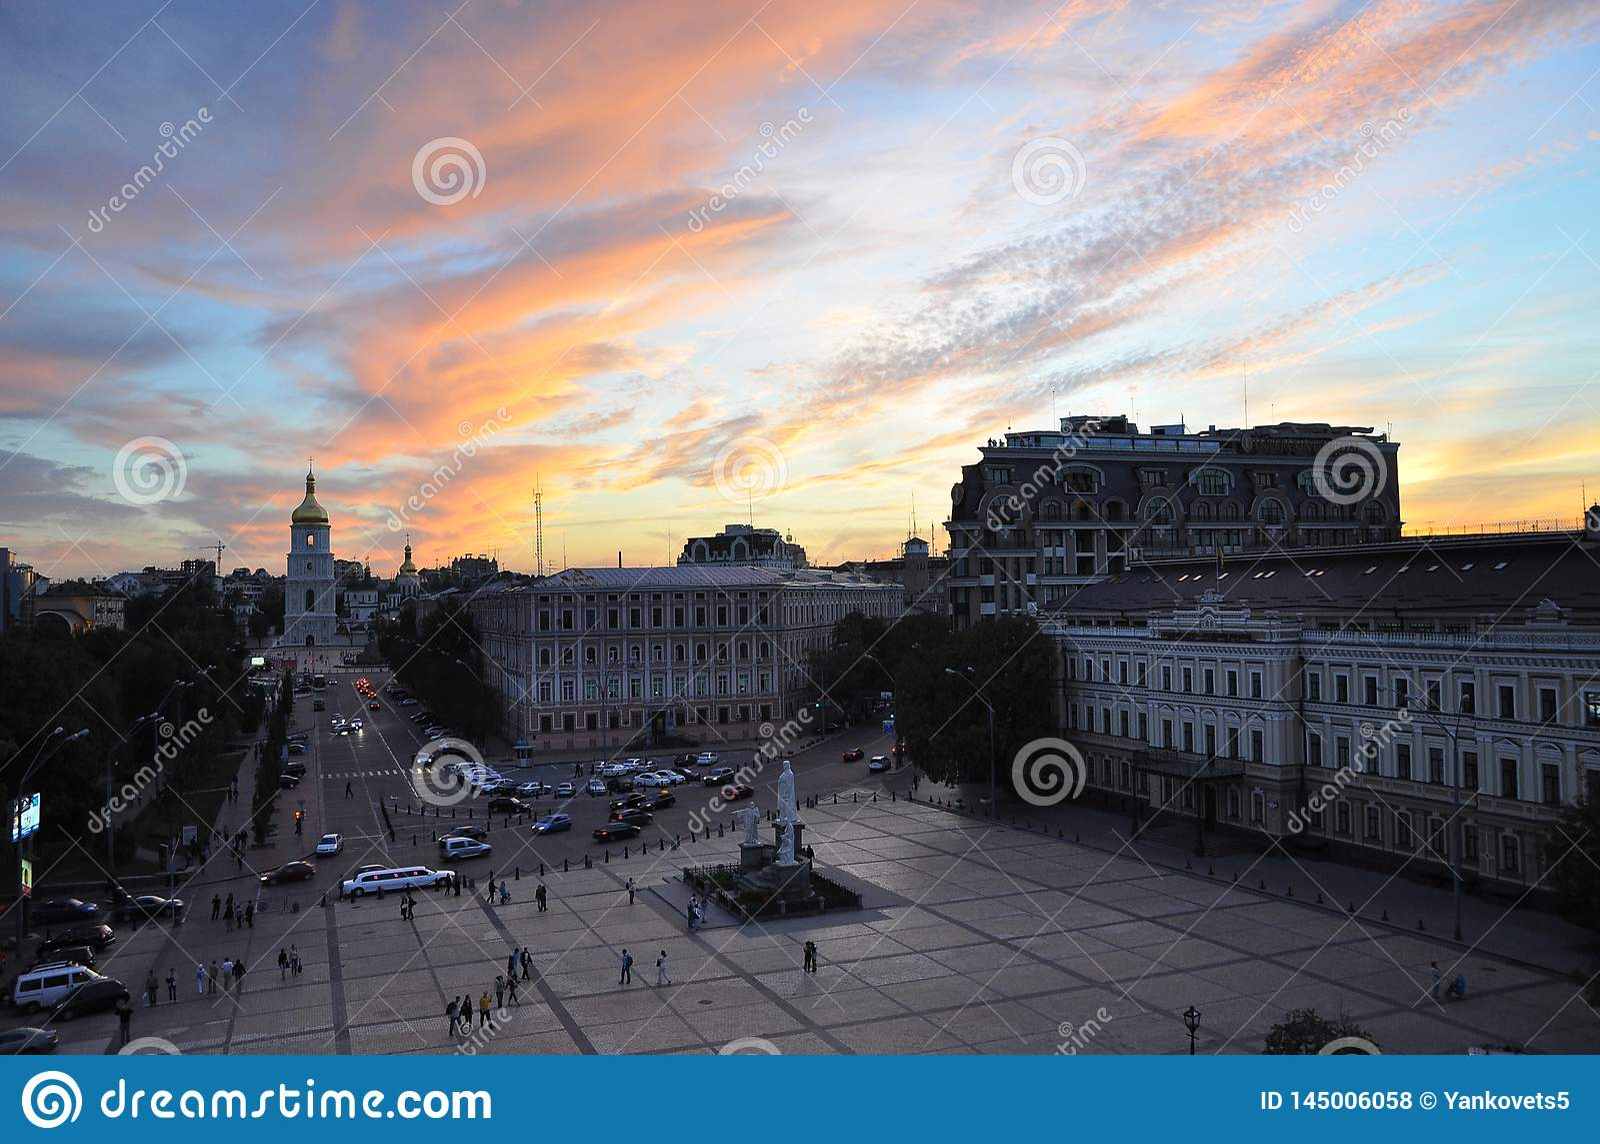 12 settembre 2010 - architettura storica antica nel centro di Kiev contro il cielo blu con le nuvole bianche